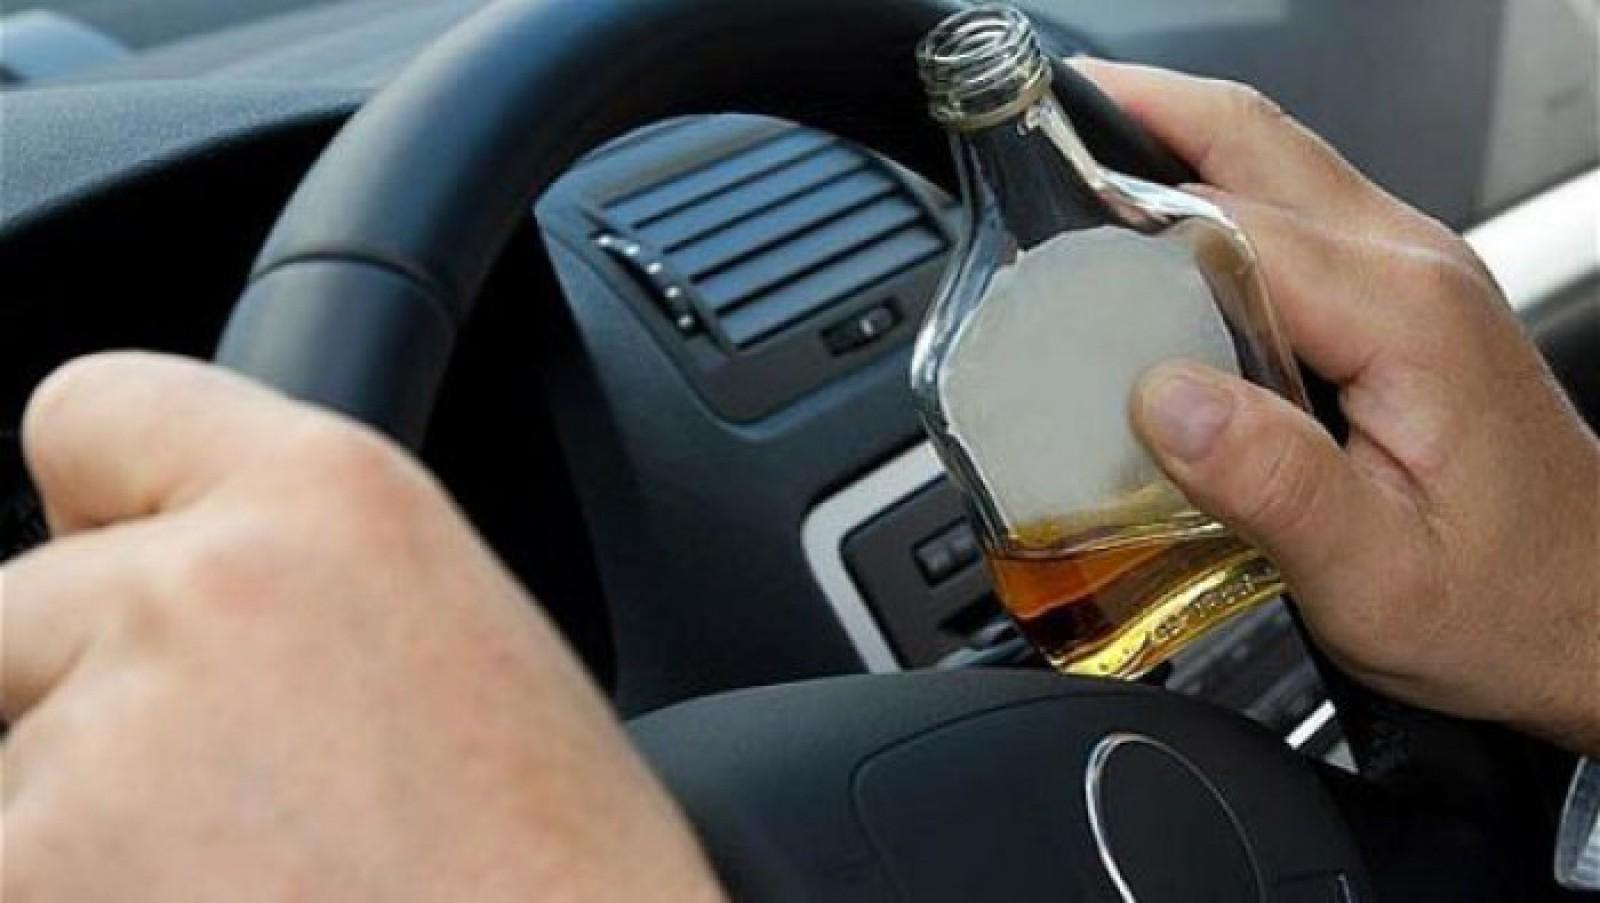 Sancțiuni mai dure pentru șoferii prinși în stare de ebrietate: Parlamentul a înăsprit pedepsele